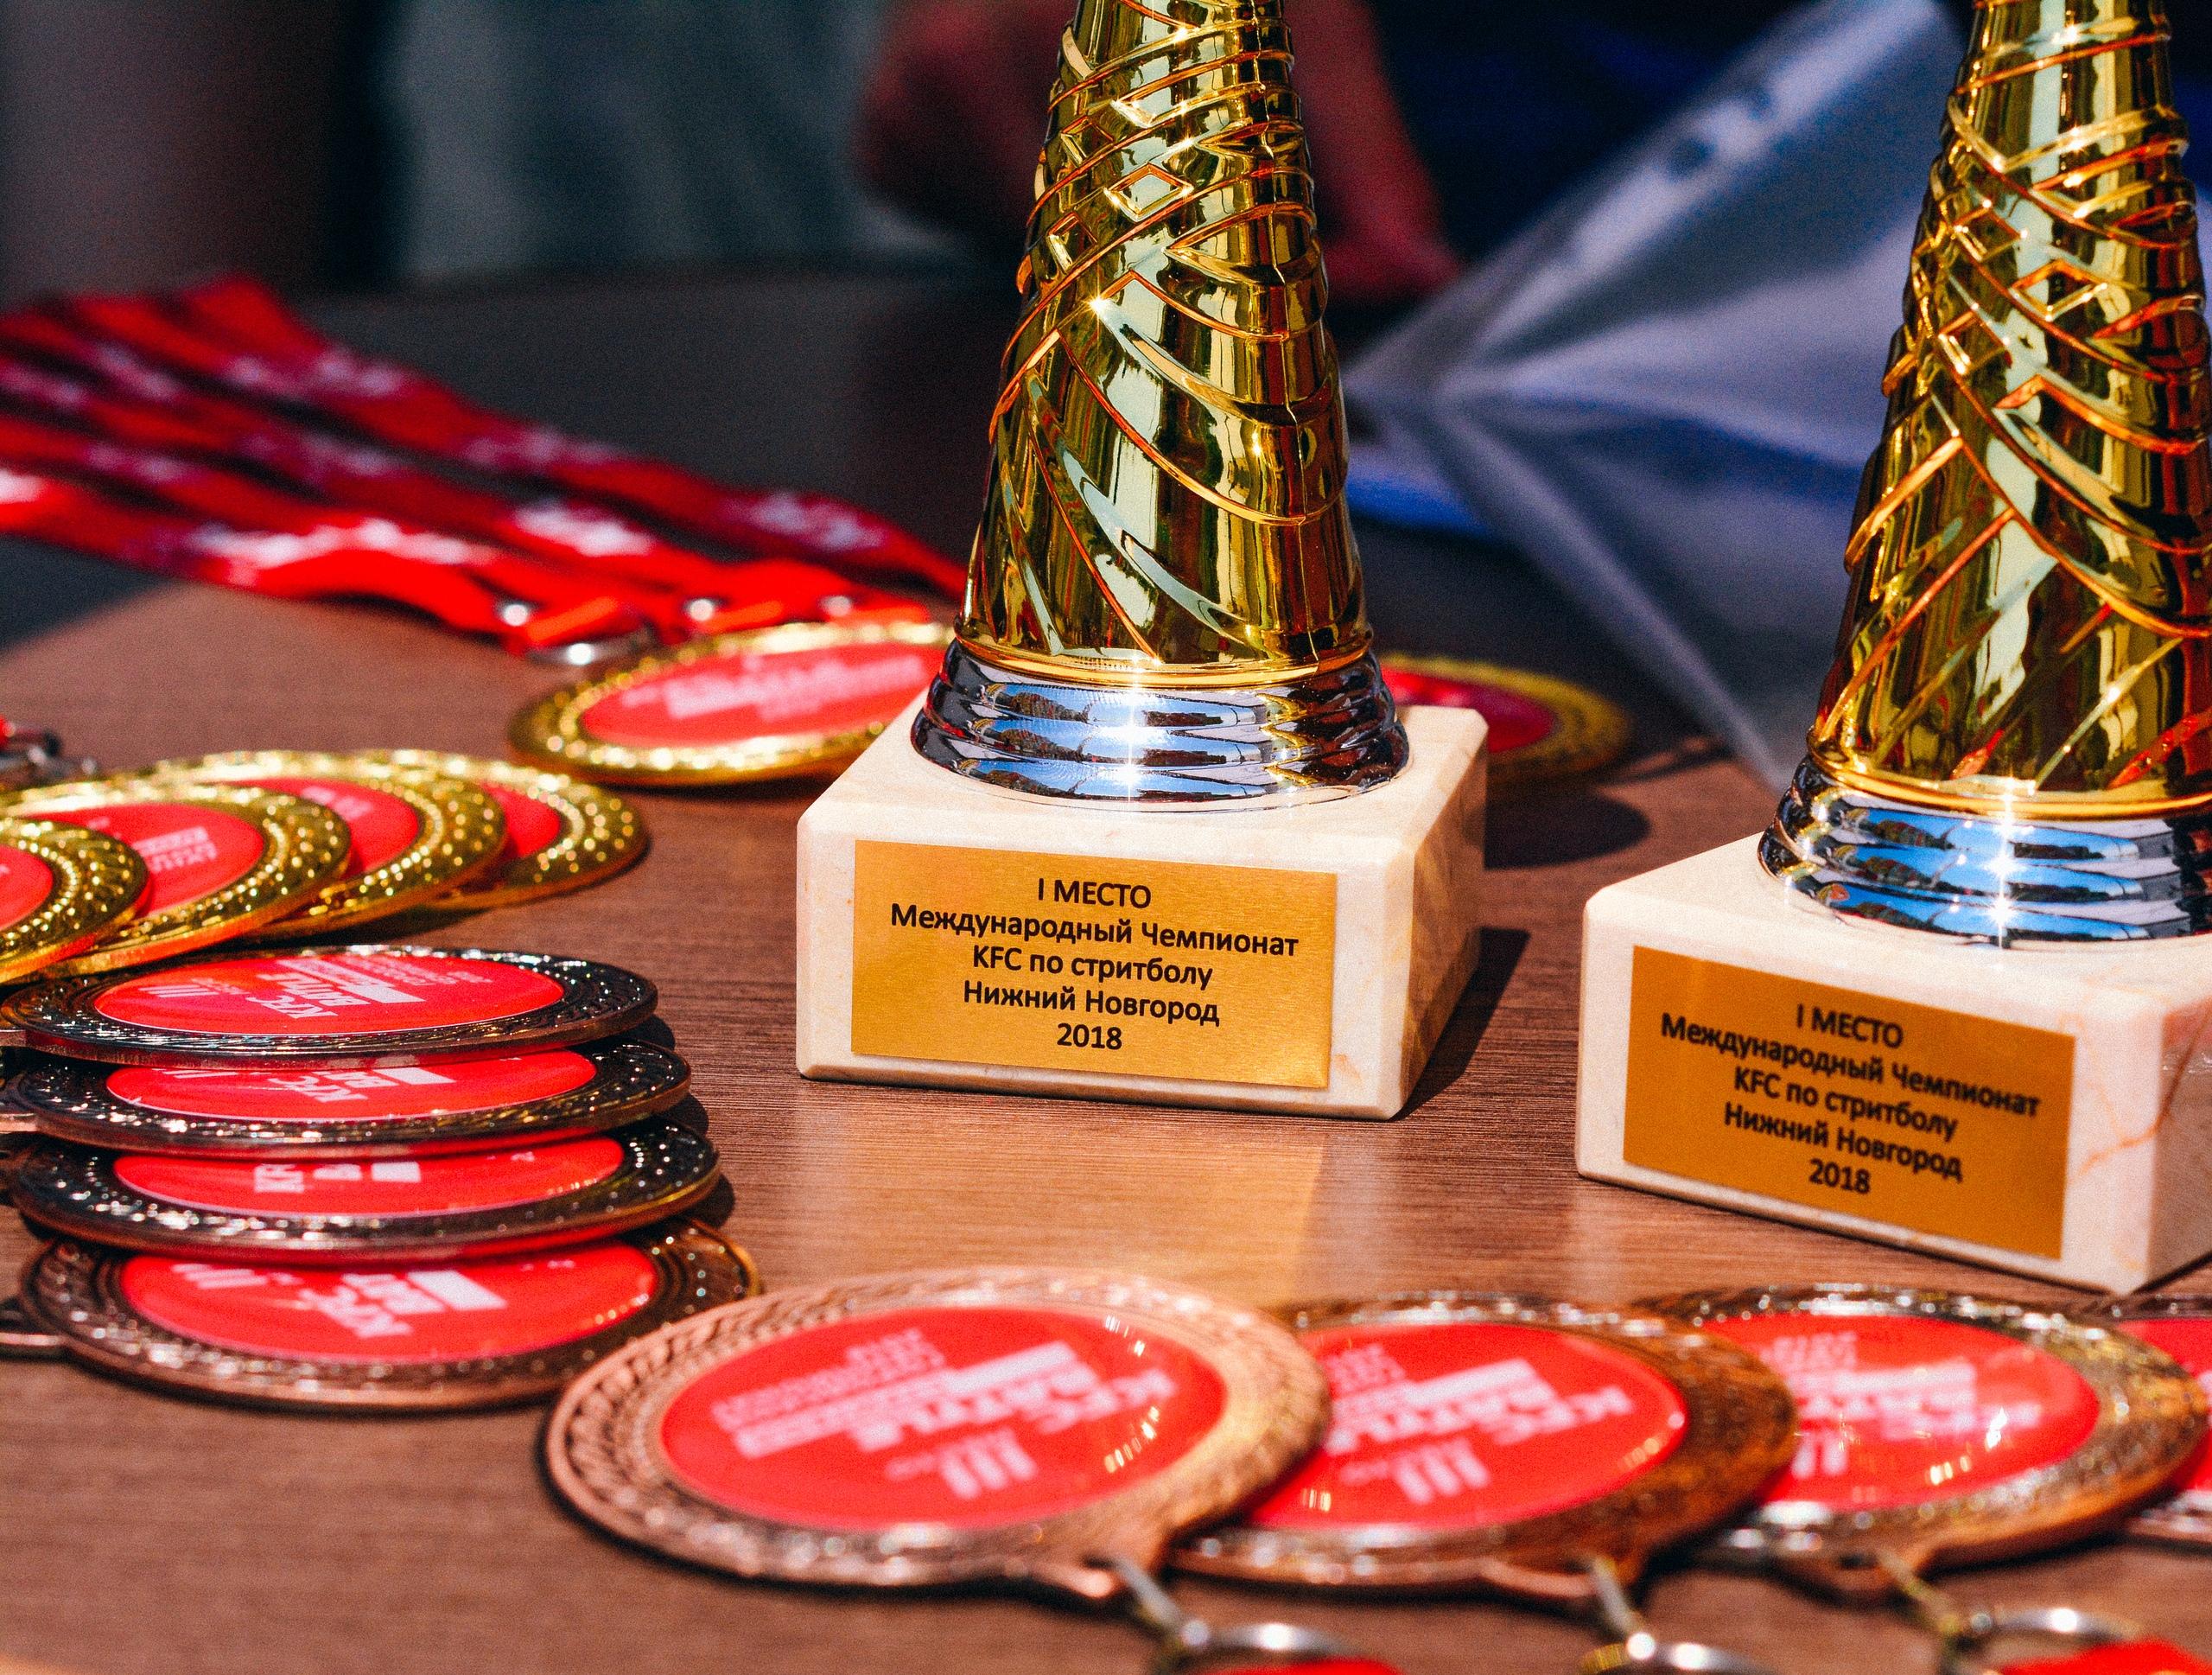 KFC Battle в Нижнем Новгороде – done! Впереди – региональный финал в Москве